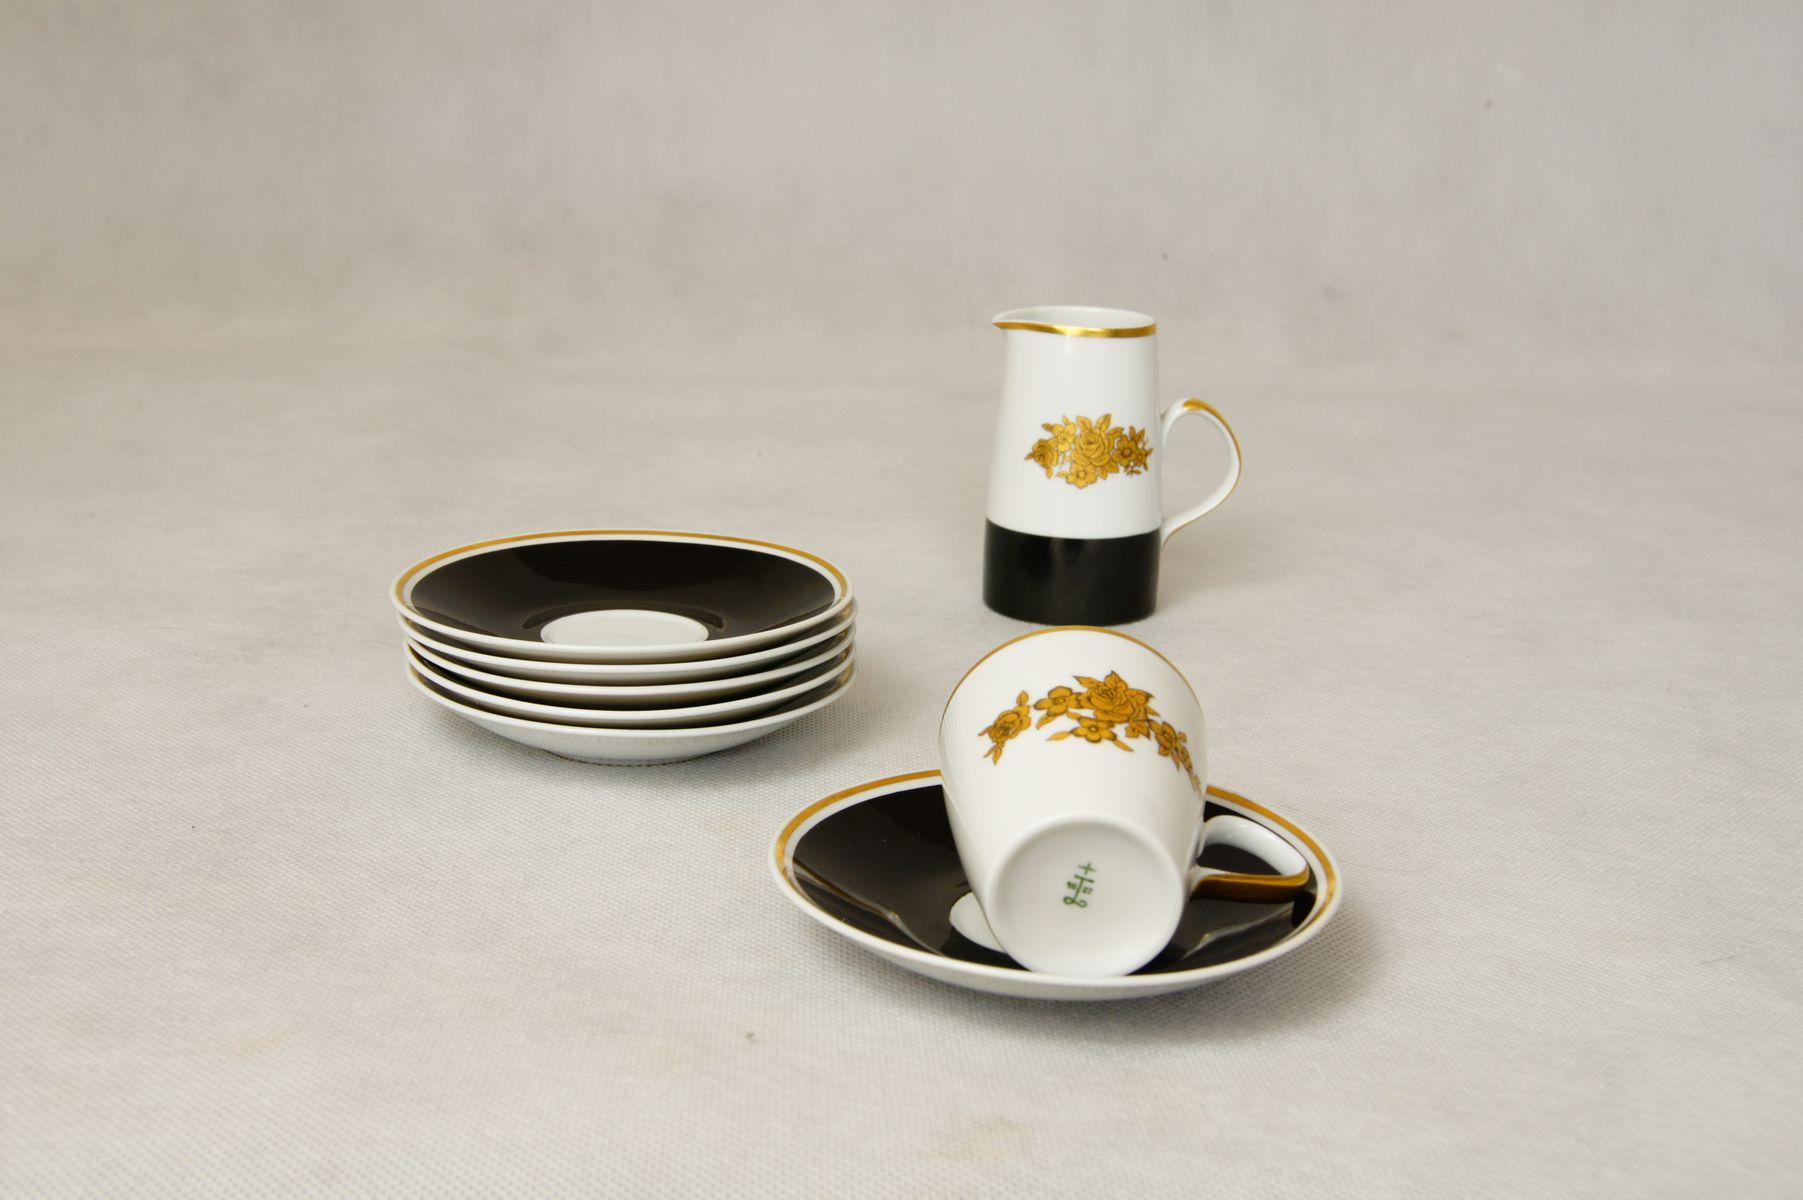 deutsches kaffee und teeservice von lichte porzellan 1950er bei pamono kaufen. Black Bedroom Furniture Sets. Home Design Ideas